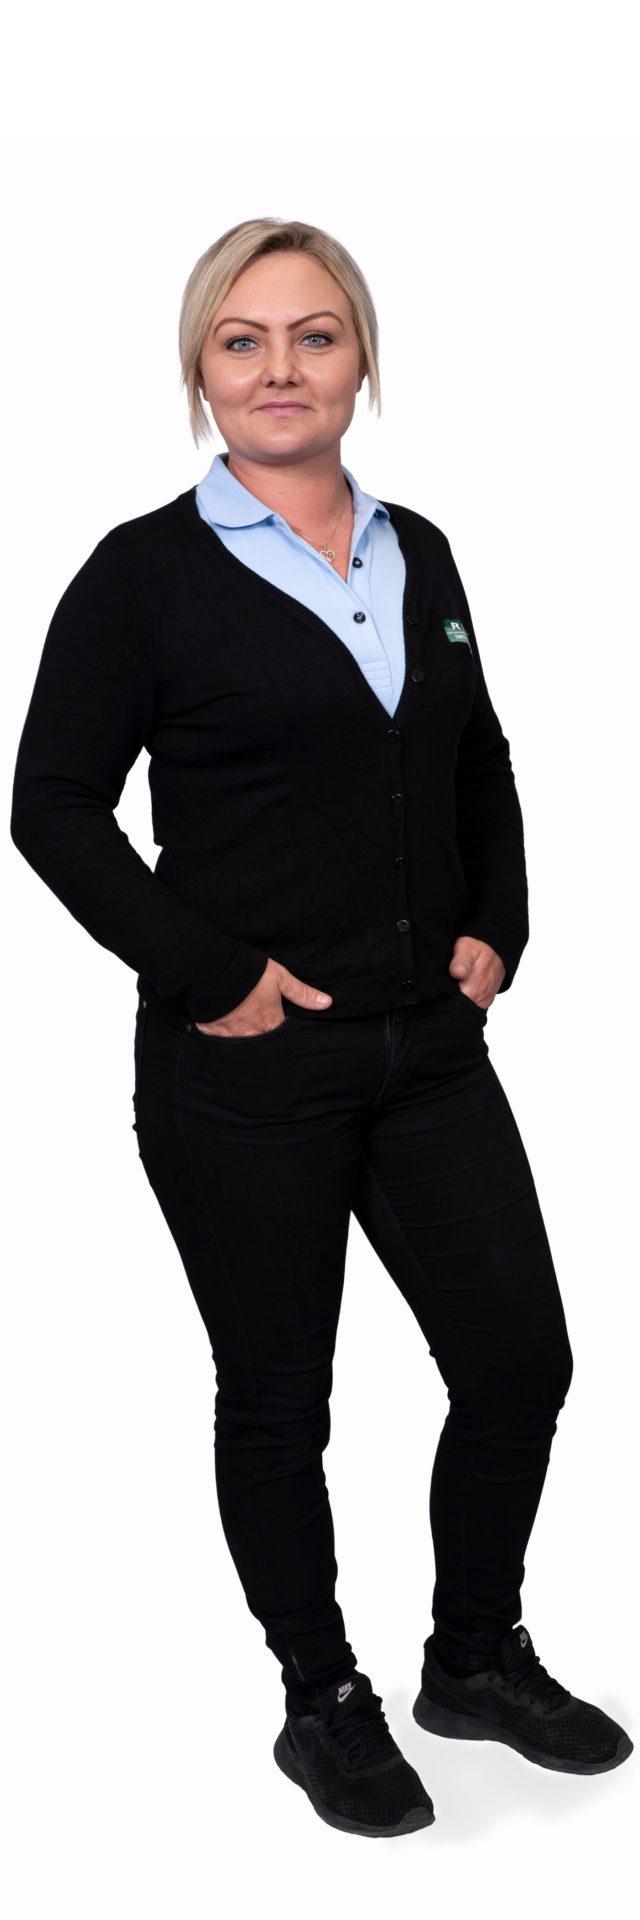 Maria Henriksen